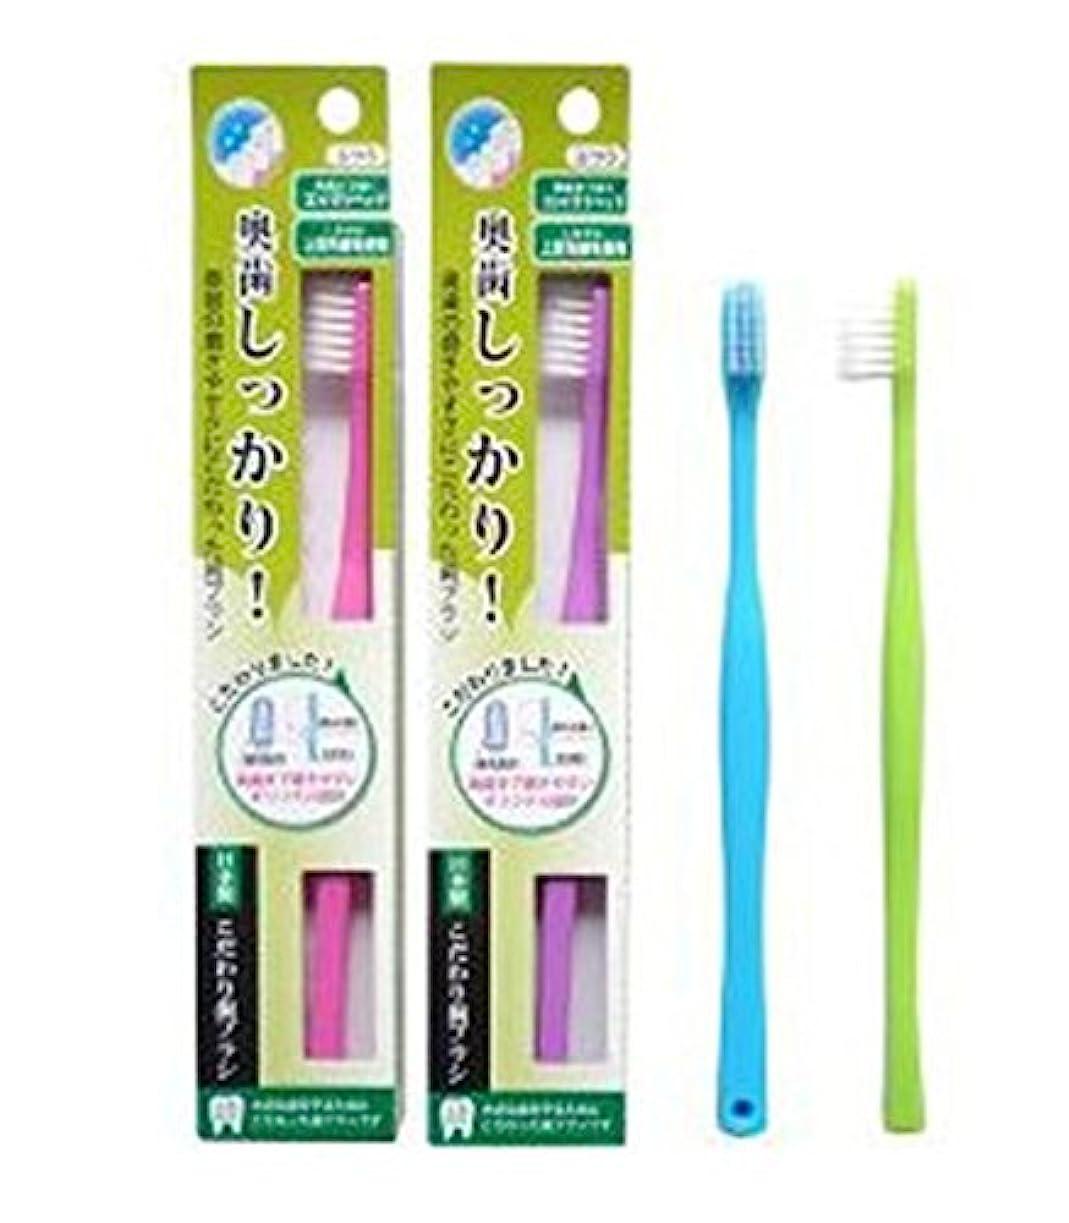 足首忌避剤処理するライフレンジ 奥歯しっかりこだわり歯ブラシ 先細 12本 (ピンク4、パープル4、ブルー2、グリーン2)アソート